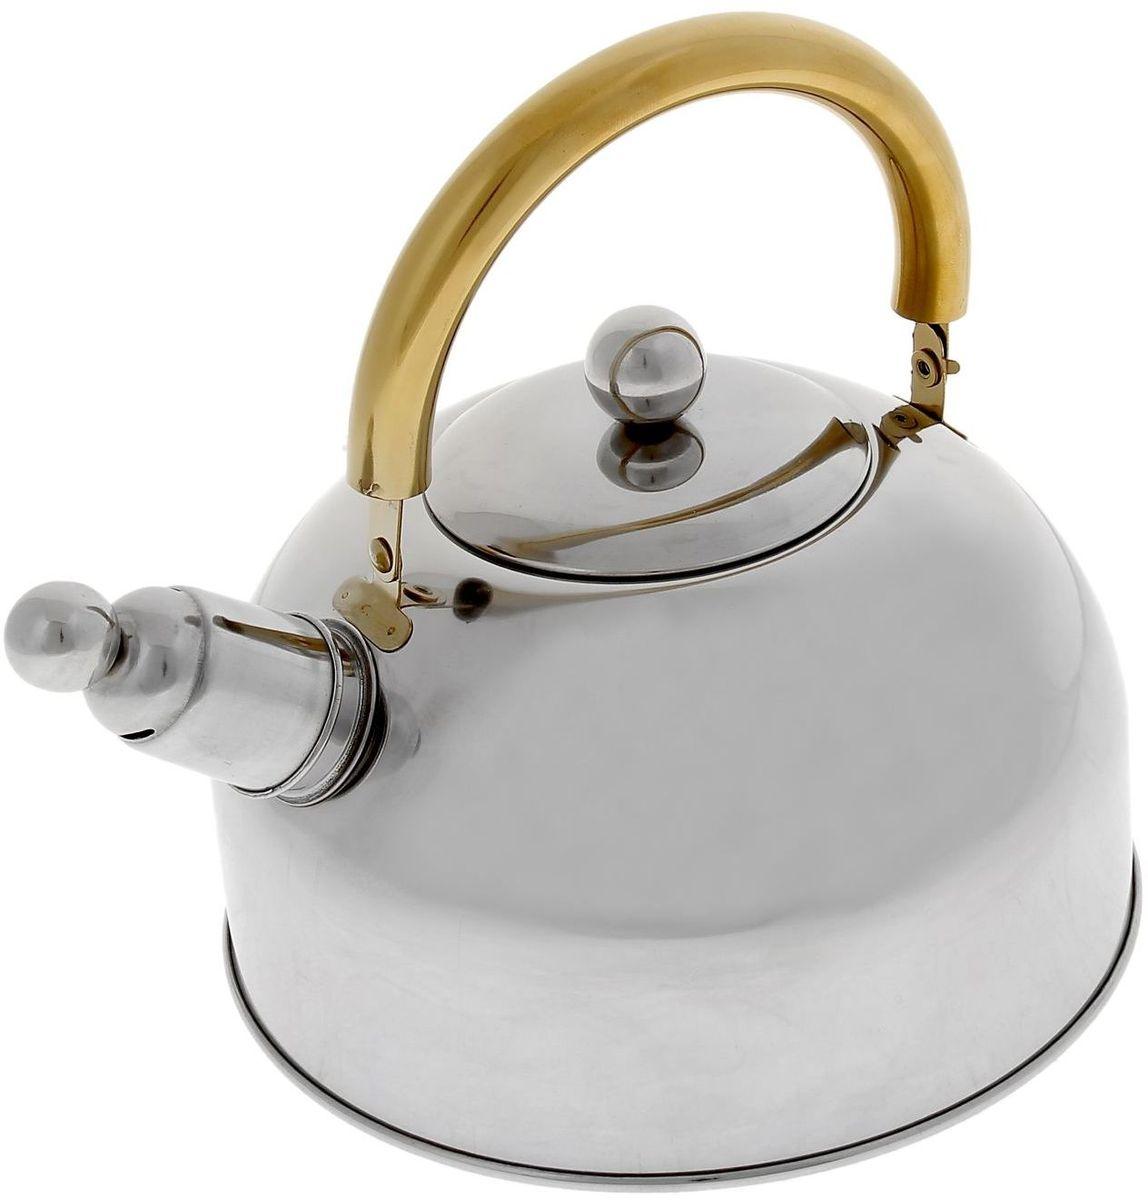 Чайник Доляна Роскошь, со свистком, 2,5 л851933Бытовая посуда из нержавеющей стали славится неприхотливостью в уходе и безукоризненной функциональностью. Коррозиестойкий сплав обеспечивает гигиеничность изделий. Чайники из этого материала абсолютно безопасны для здоровья человека. Чем привлекательна посуда из нержавейки? Чайник из нержавеющей стали станет удачной находкой для дома или ресторана: благодаря низкой теплопроводности модели вода дольше остается горячей; необычный дизайн радует глаз и поднимает настроение; качественное дно гарантирует быстрый нагрев. Как продлить срок службы? Ухаживать за новым приобретением элементарно просто, но стоит помнить о нескольких нехитрых правилах. Во-первых, не следует применять абразивные инструменты и сильнохлорированные моющие средства. Во-вторых, не оставляйте пустую посуду на плите. В-третьих, если вы уезжаете из дома на длительное время - выливайте воду из чайника. Если на внутренней поверхности изделия появились пятна, используйте для их удаления несколько капель уксусной или лимонной...